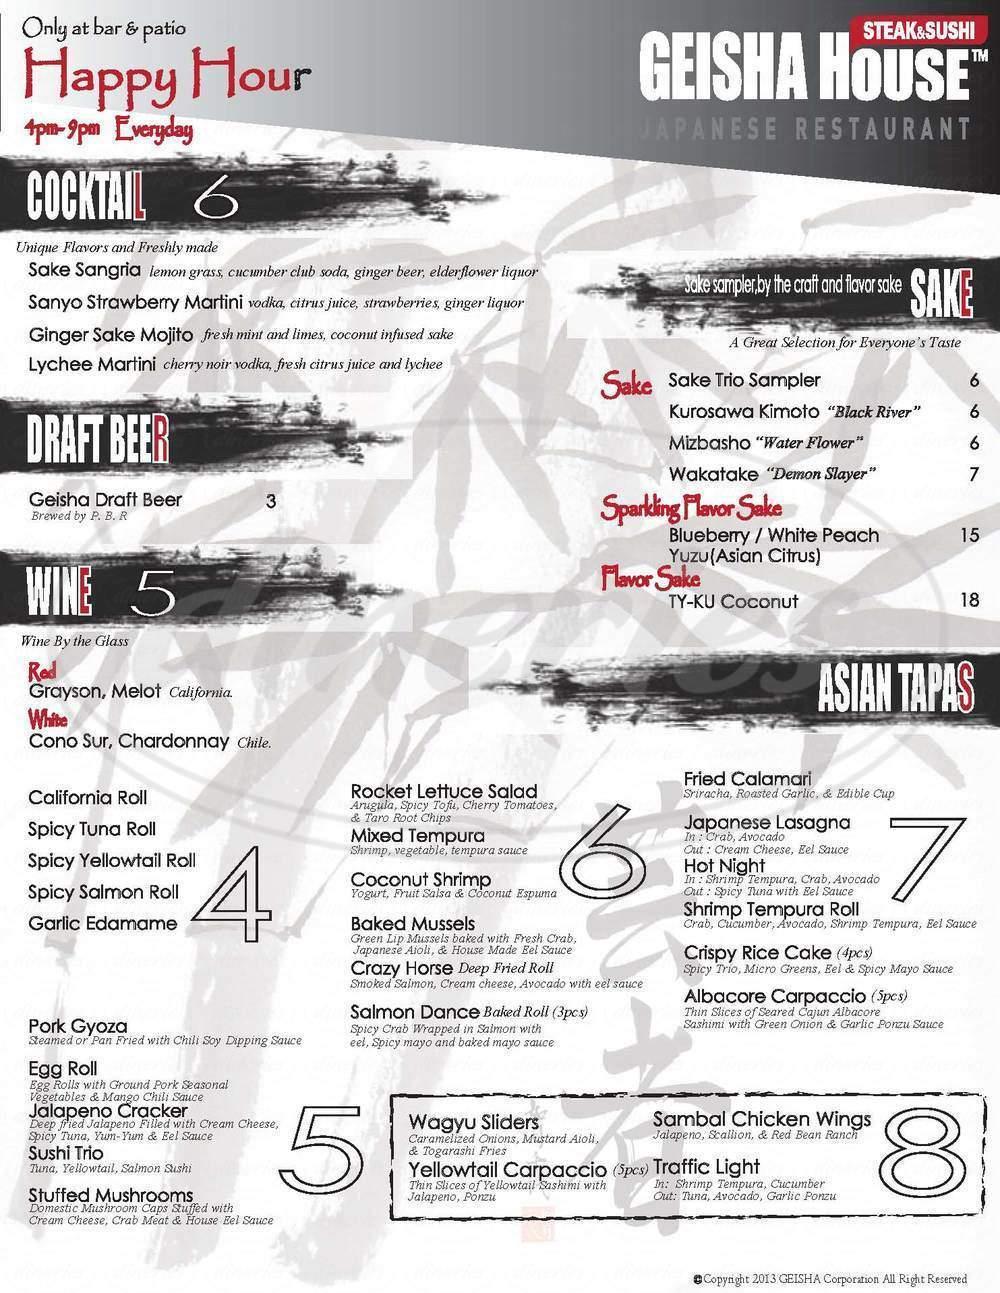 menu for Geisha House Steak & Sushi